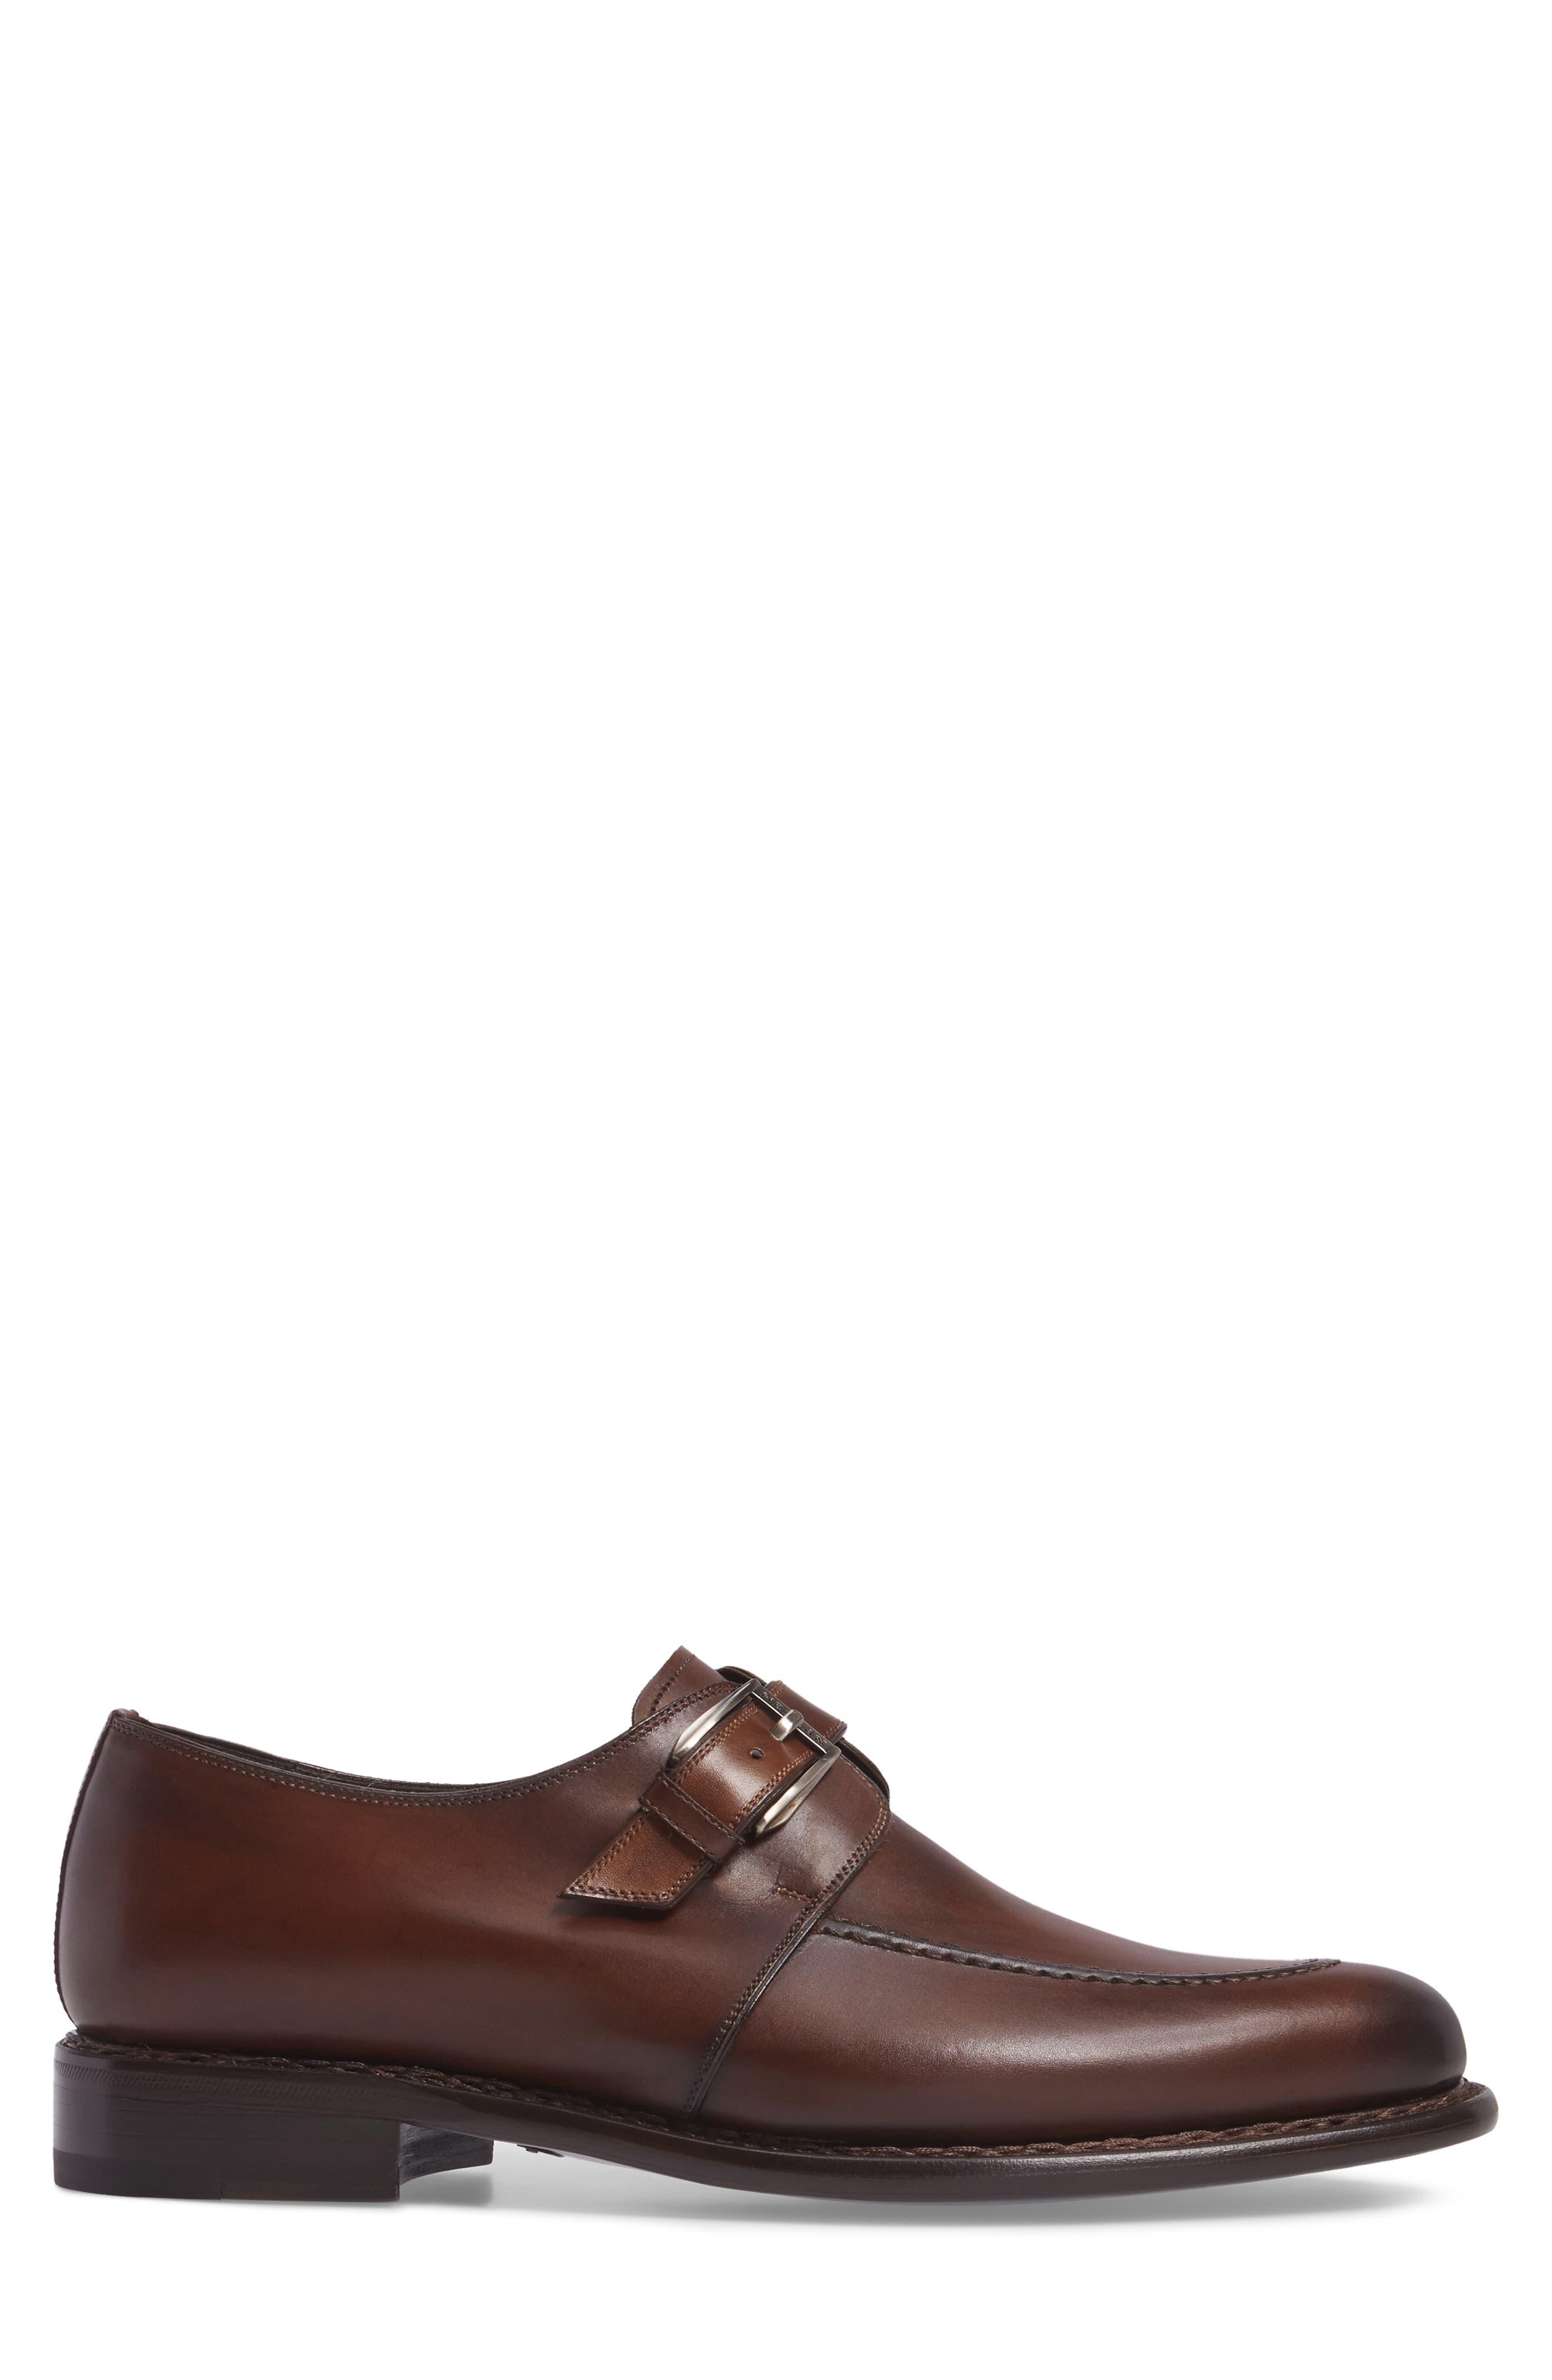 Aguilar Monk Strap Shoe,                             Alternate thumbnail 3, color,                             COGNAC LEATHER